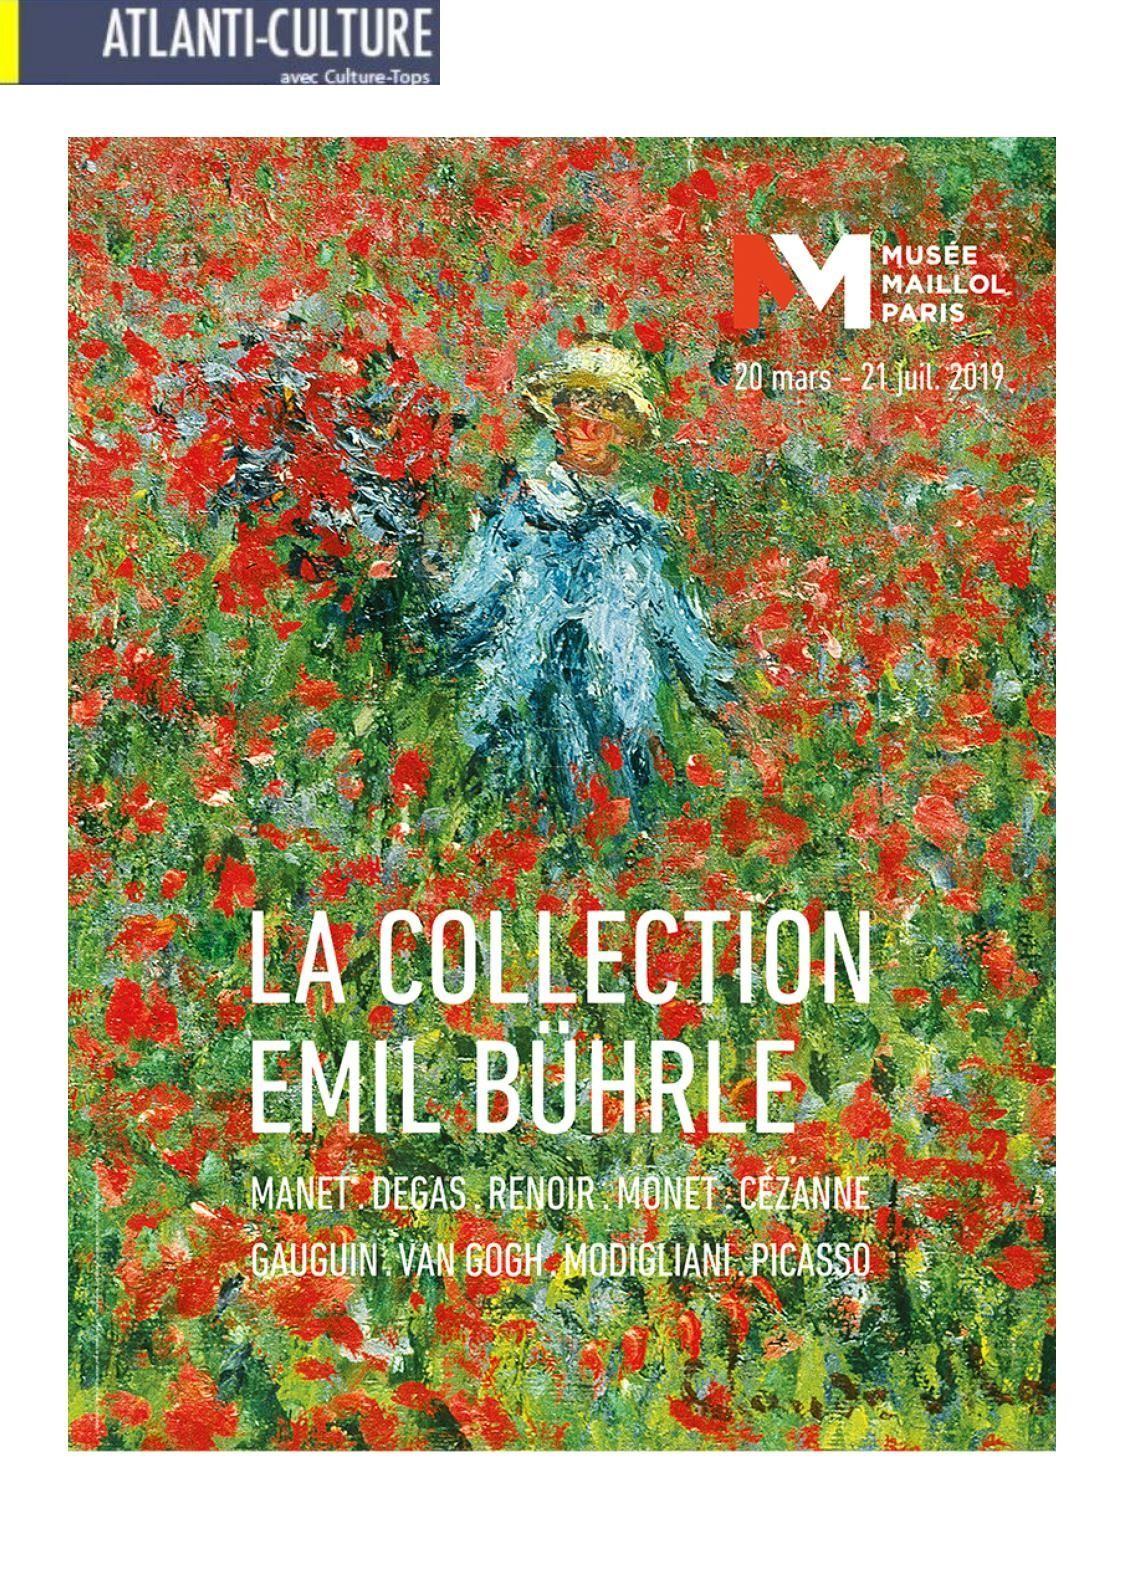 La collection Emil Bührle au Musée Maillol : quel flair !